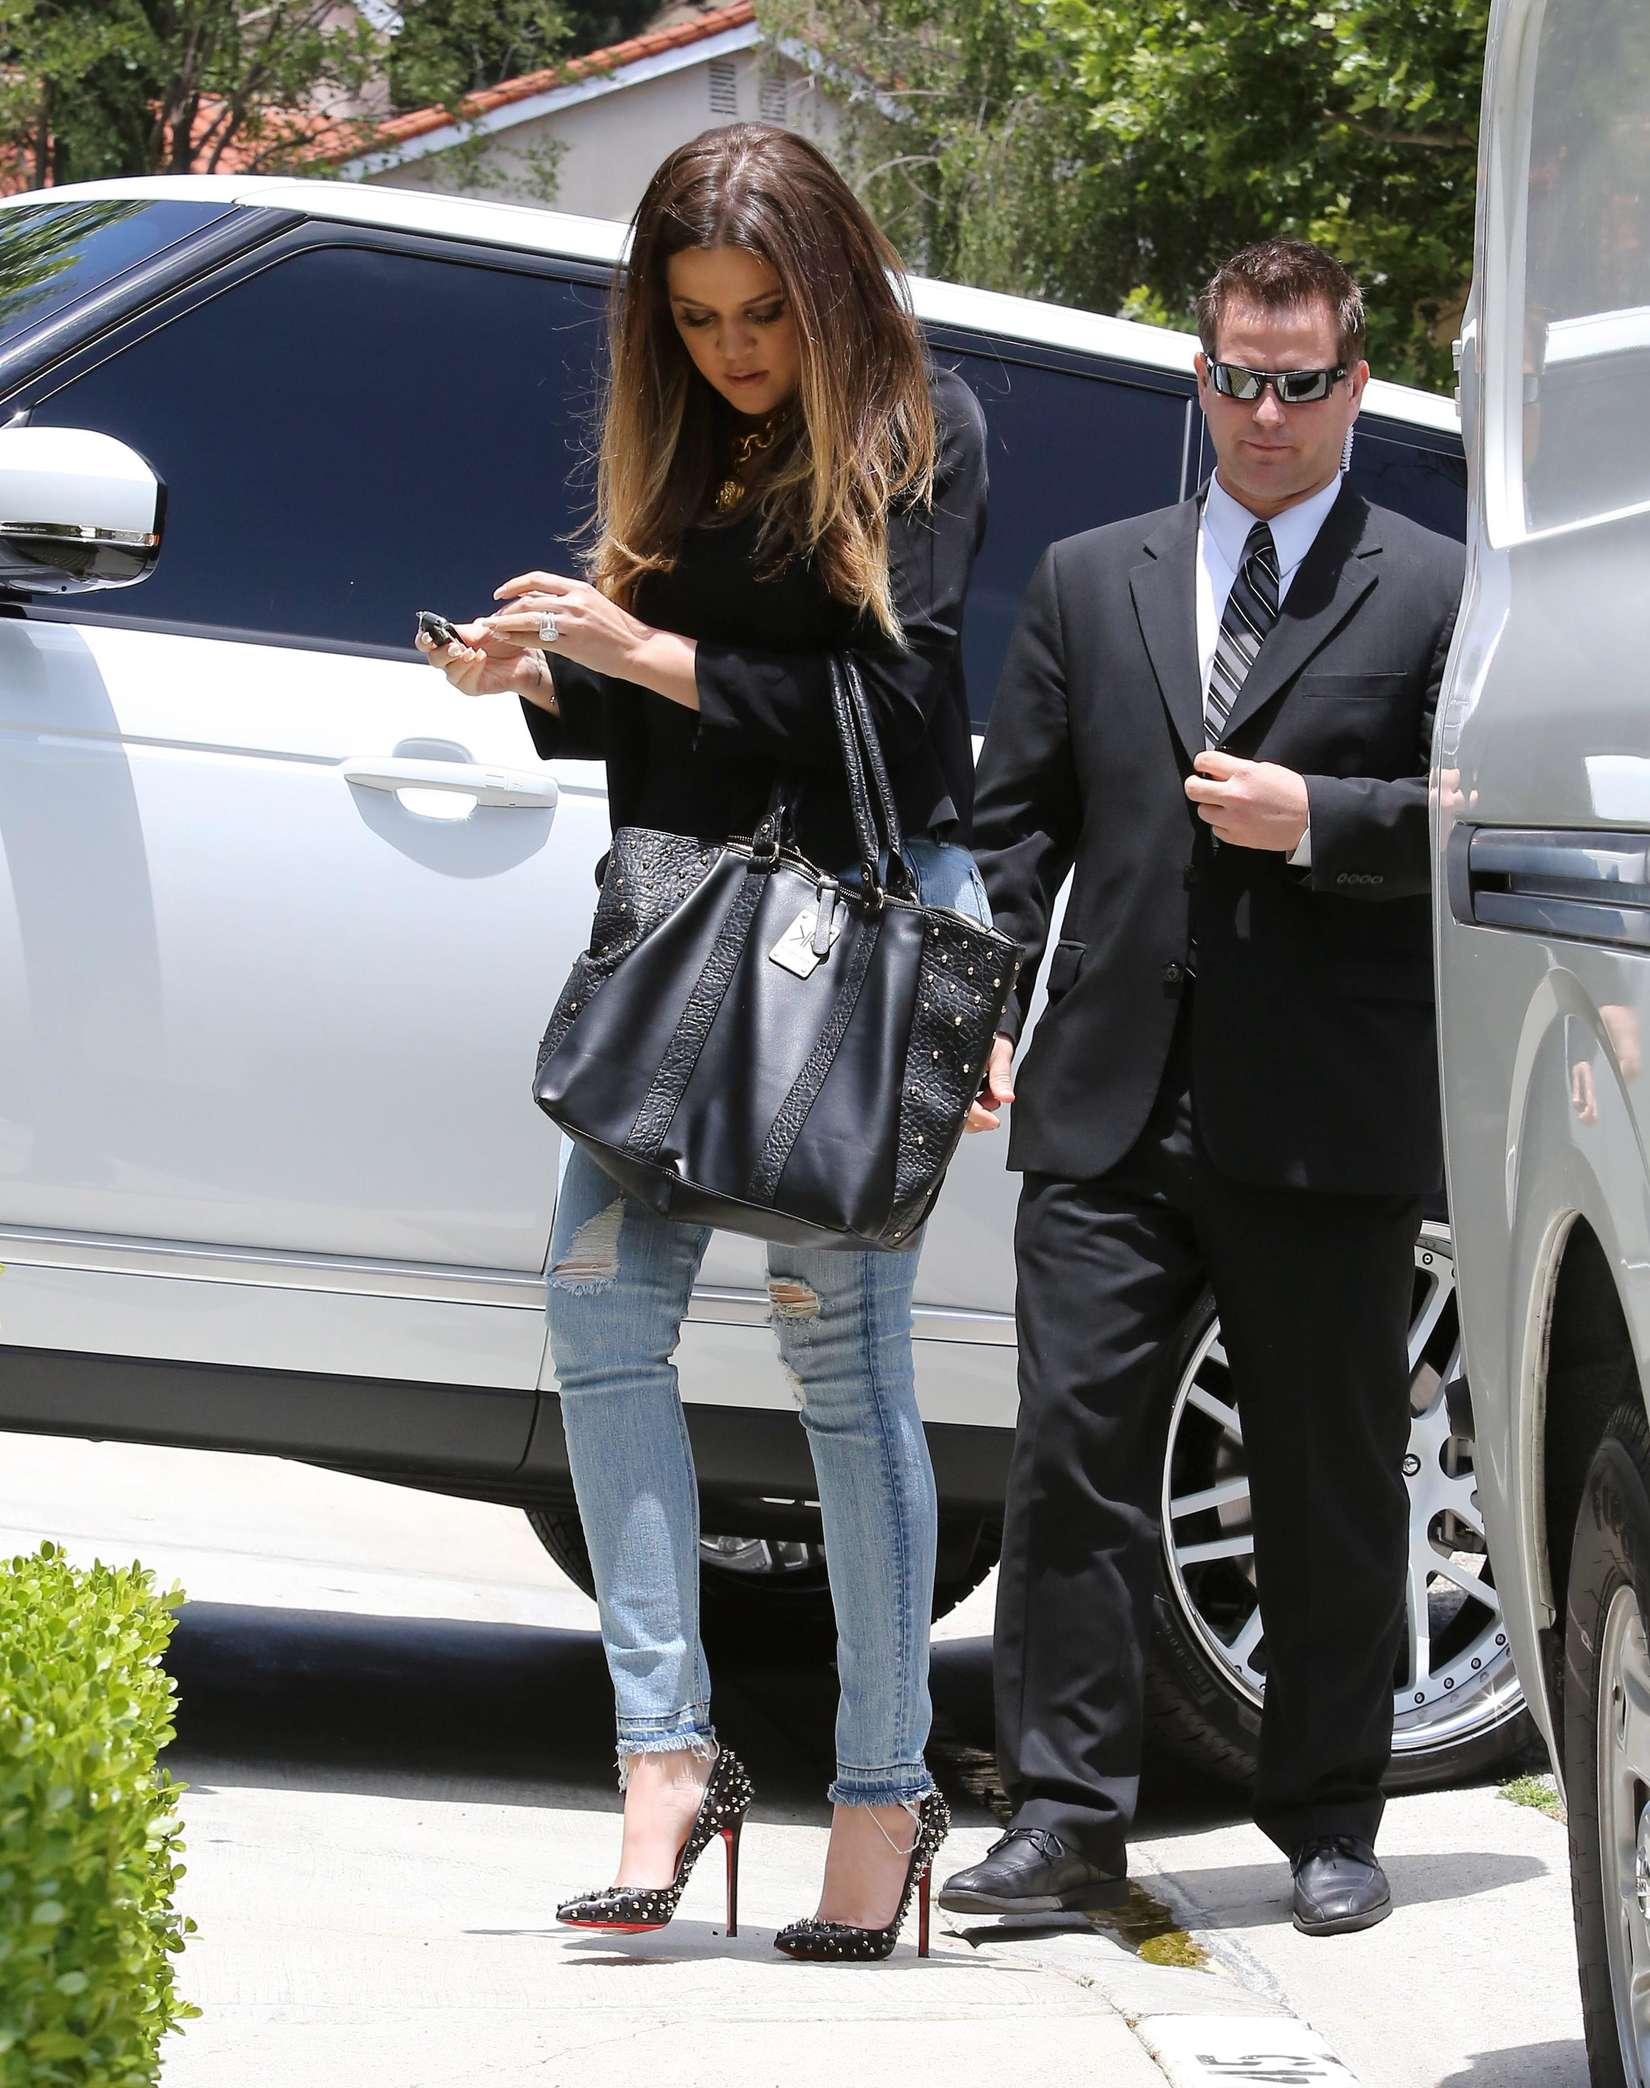 Khloe Kardashian 2013 : Khloe Kardashian at Kims house -07